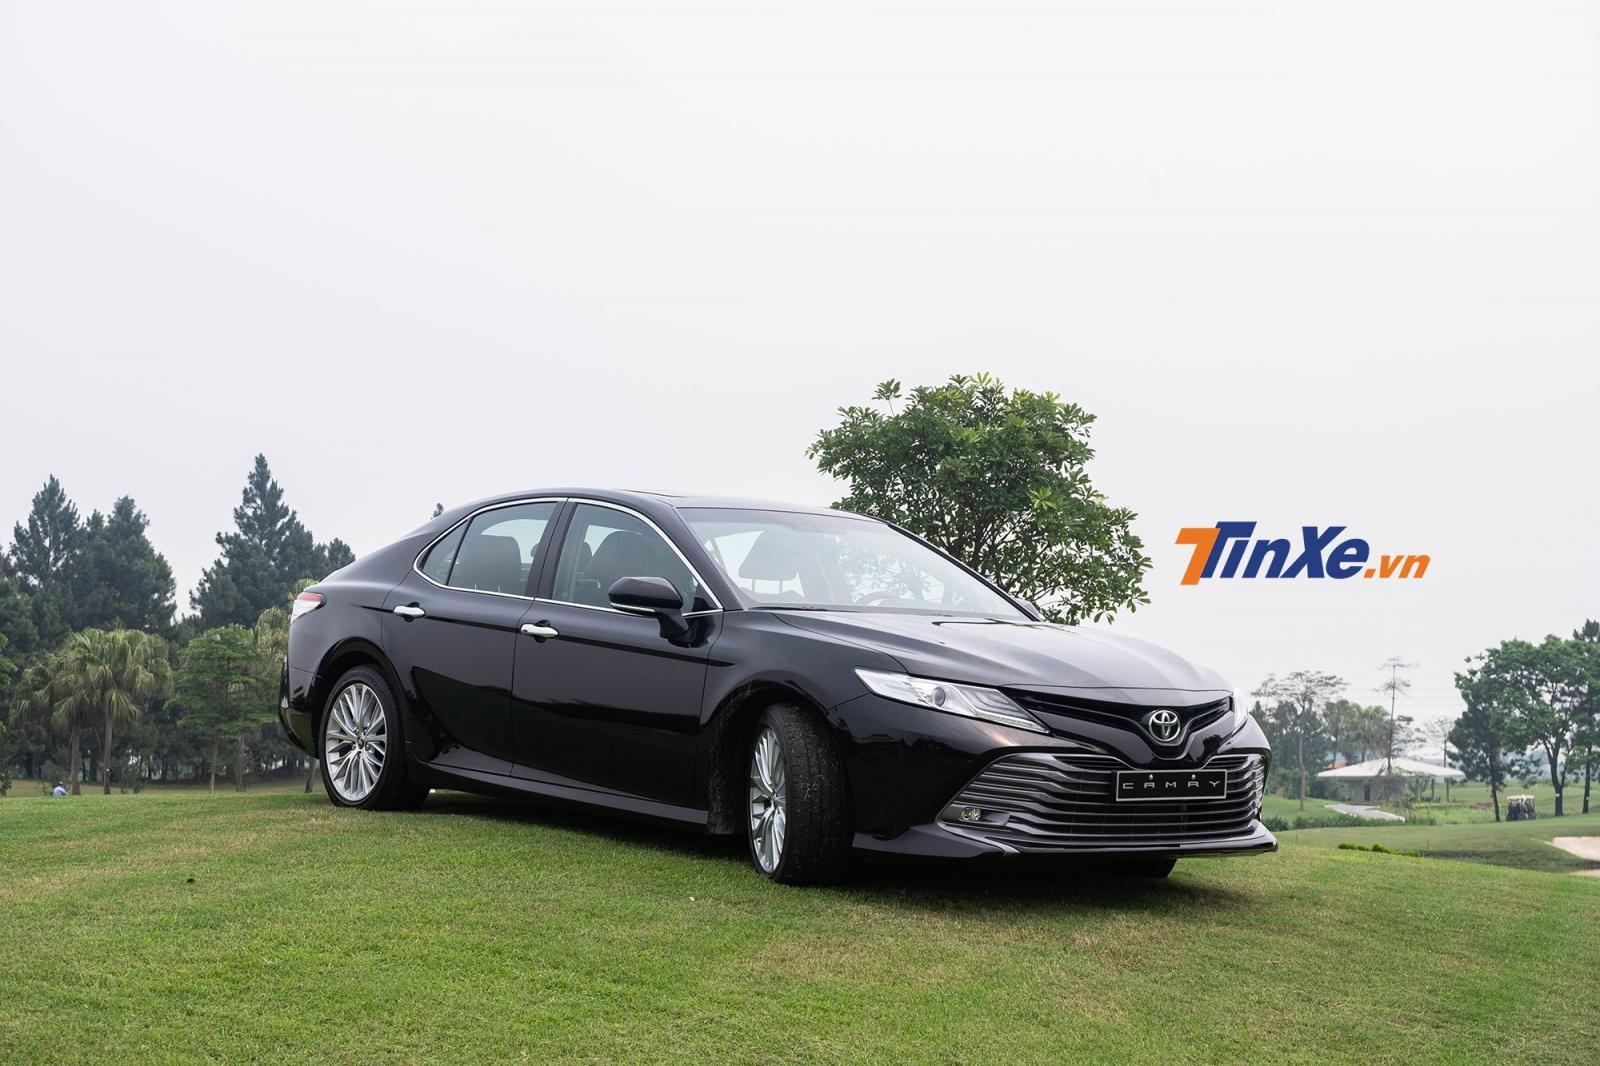 Bản cao cấp nhất của Toyota Camry 2019 được phân phối với giá bán là 1,235 tỷ đồng